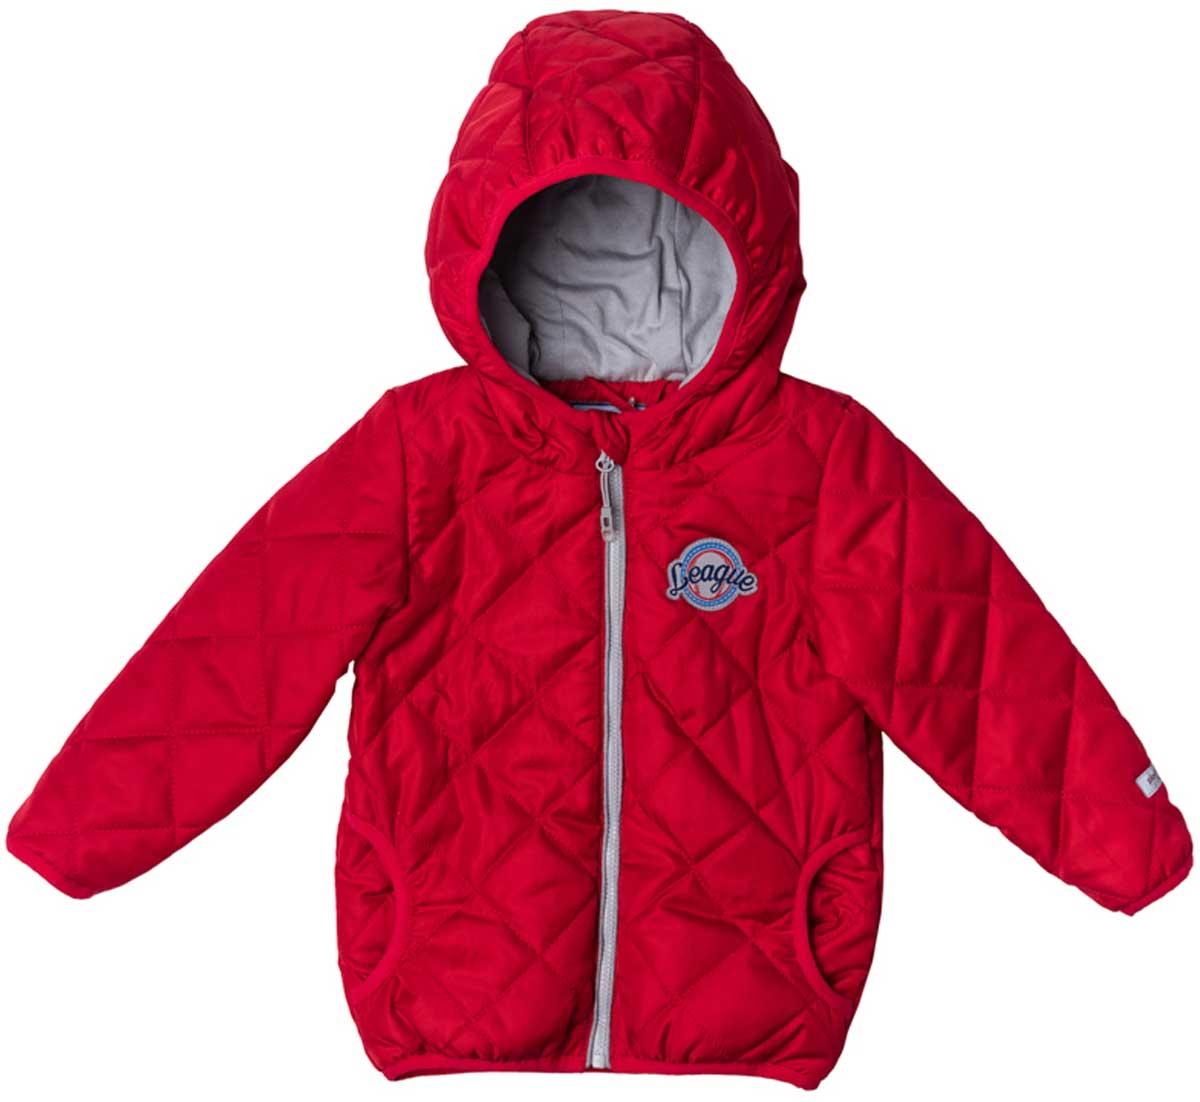 Куртка177003Утепленная стеганая куртка - прекрасное решение для прохладной погоды. Мягкие трикотажные резинки на рукавах защитят вашего ребенка - ветер не сможет проникнуть под куртку. Специальный карман для фиксации застежки- молнии не позволит застежке травмировать нежную детскую кожу. Мягкая резинка на капюшоне не позволит ему упасть с головы вашего ребенка даже во время активных игр. Модель снабжена светоотражателями на рукаве и по низу изделия - ваш ребенок будет виден даже в темное время суток.